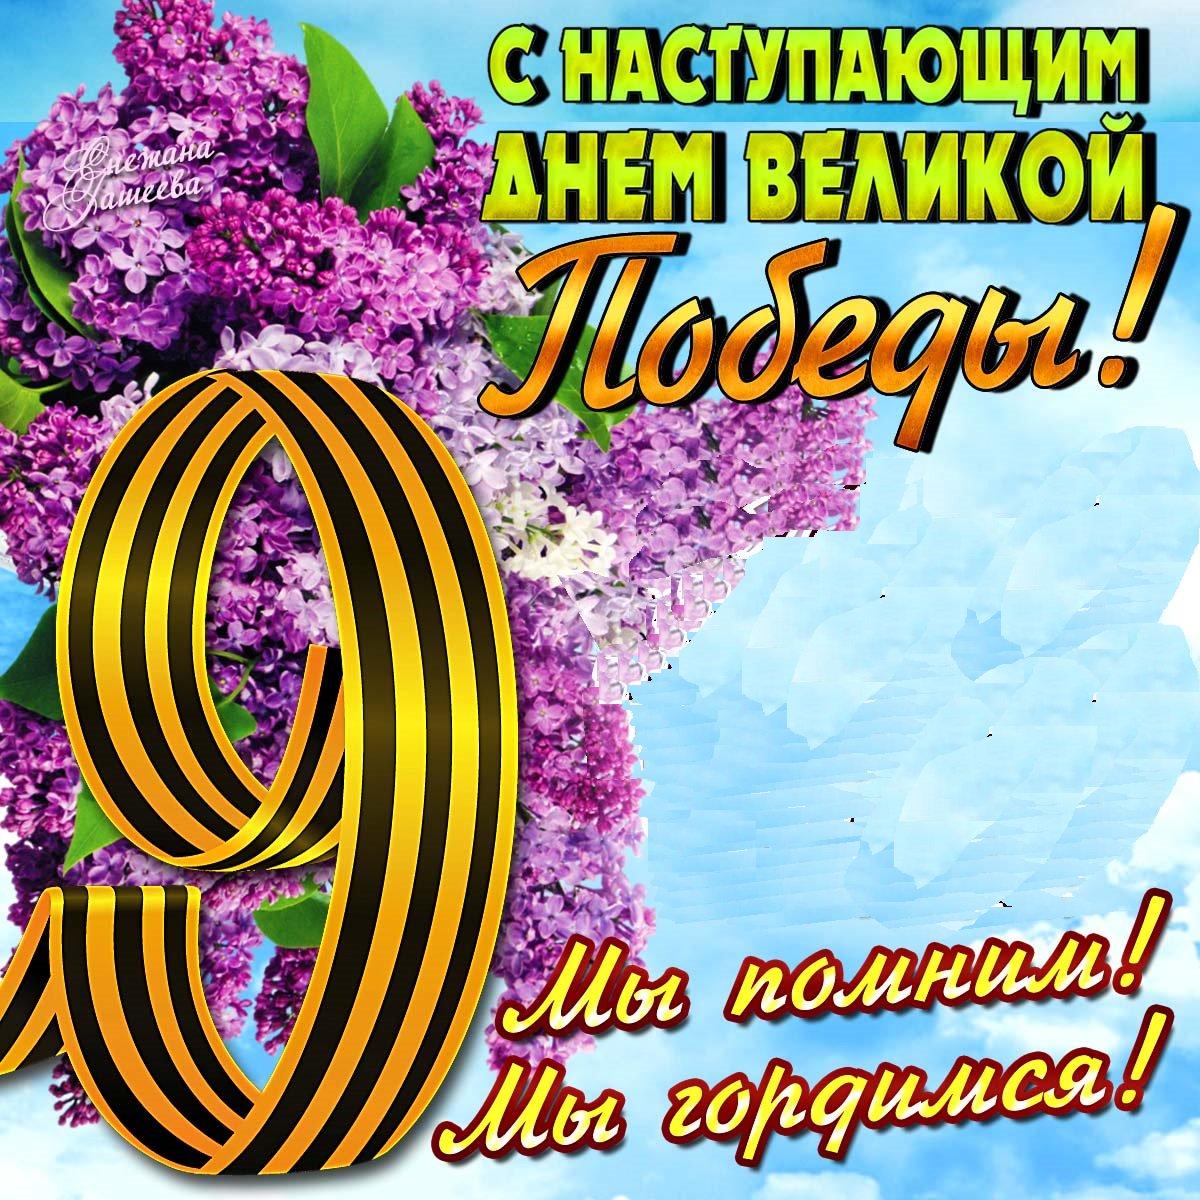 Поздравление коллег 9 мая